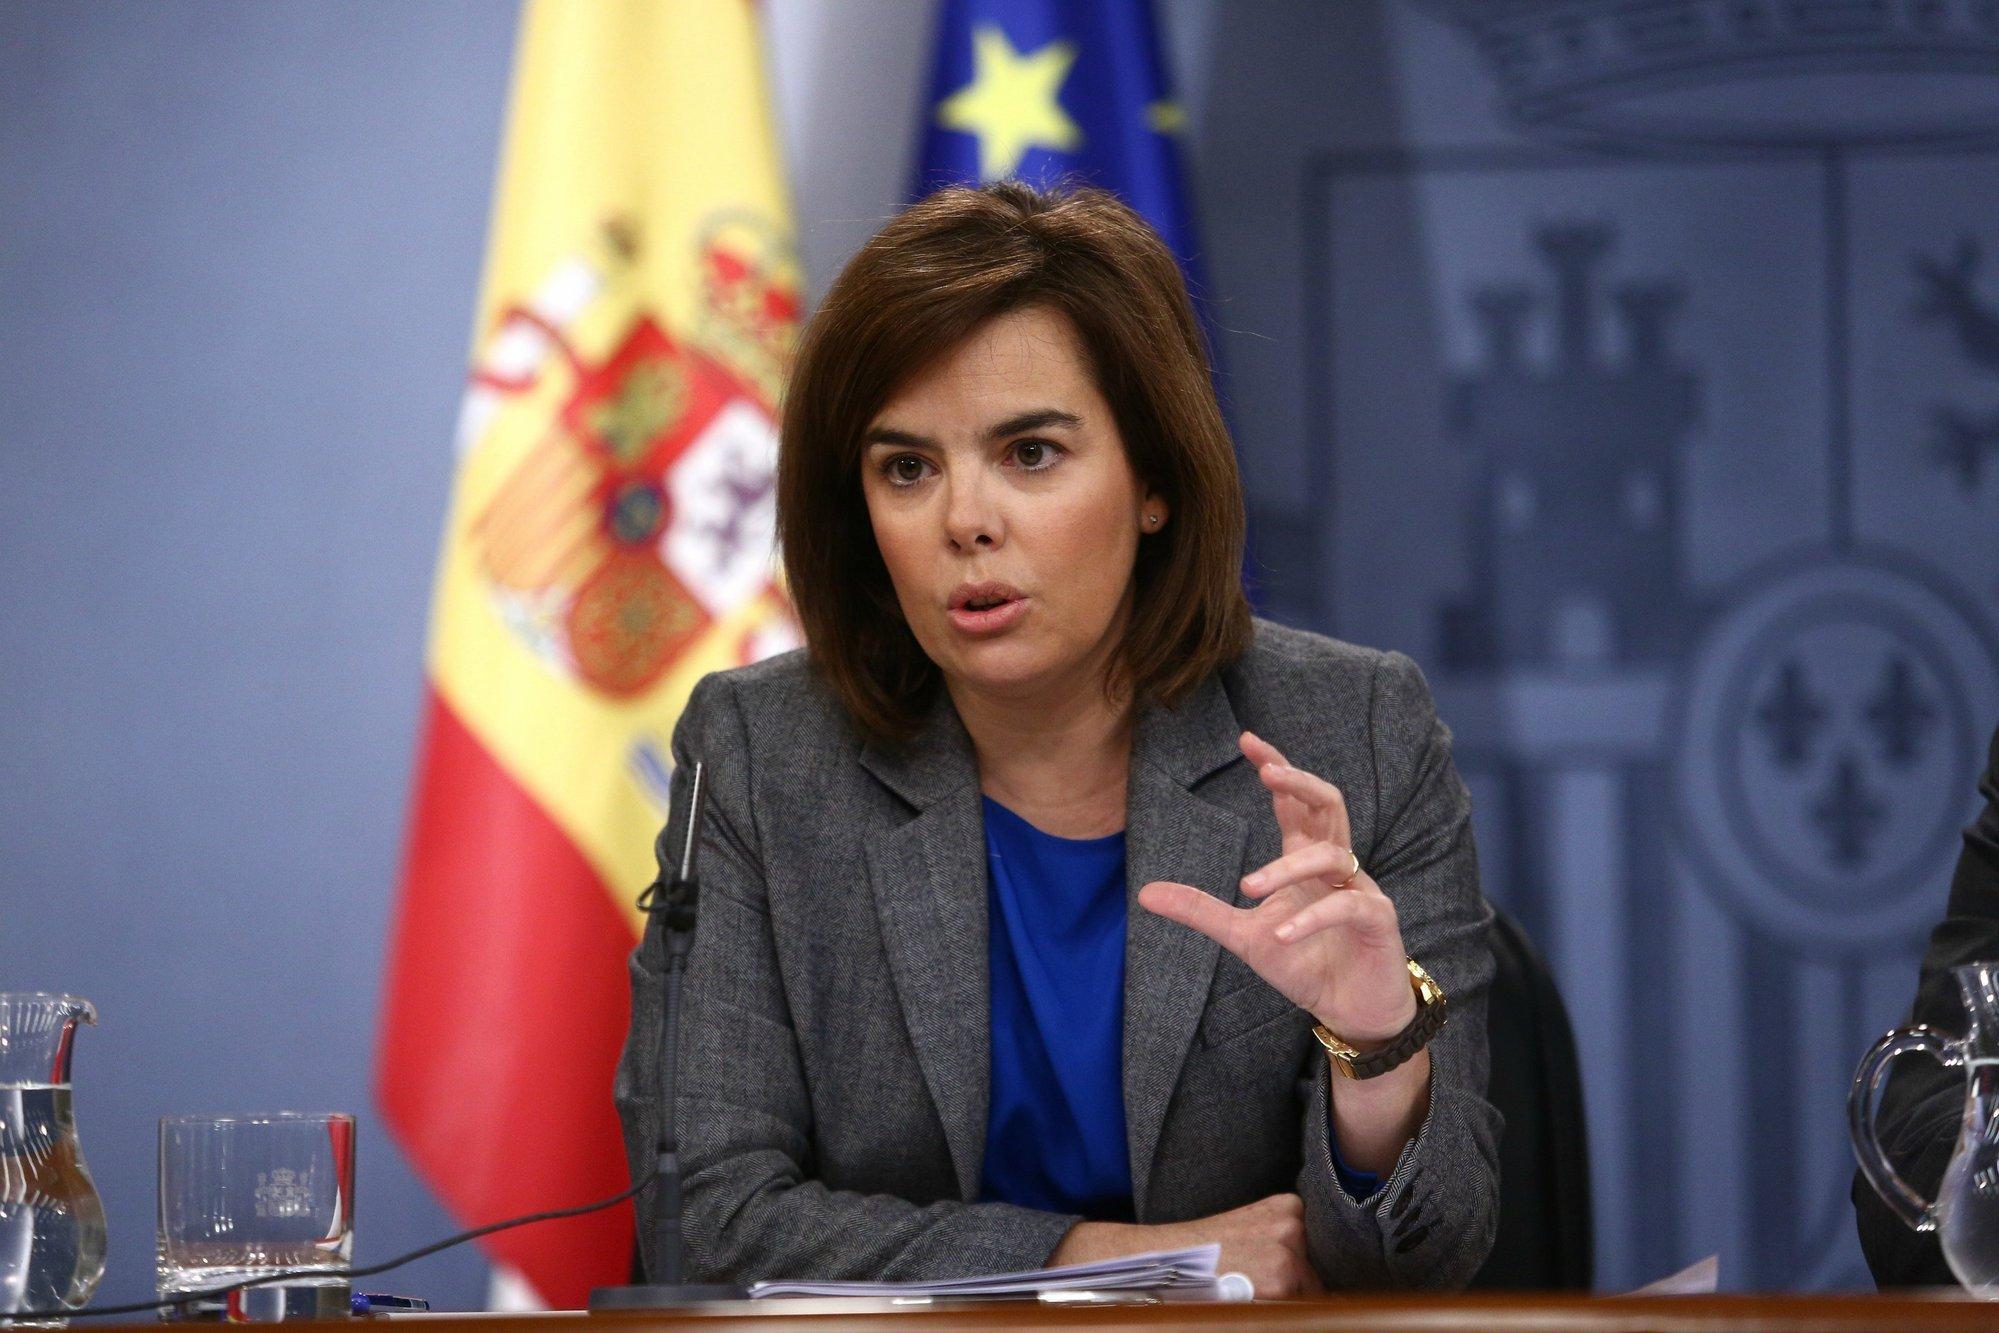 El Gobierno destaca el varapalo sufrido por Mas y le pide que reflexione sobre las prioridades